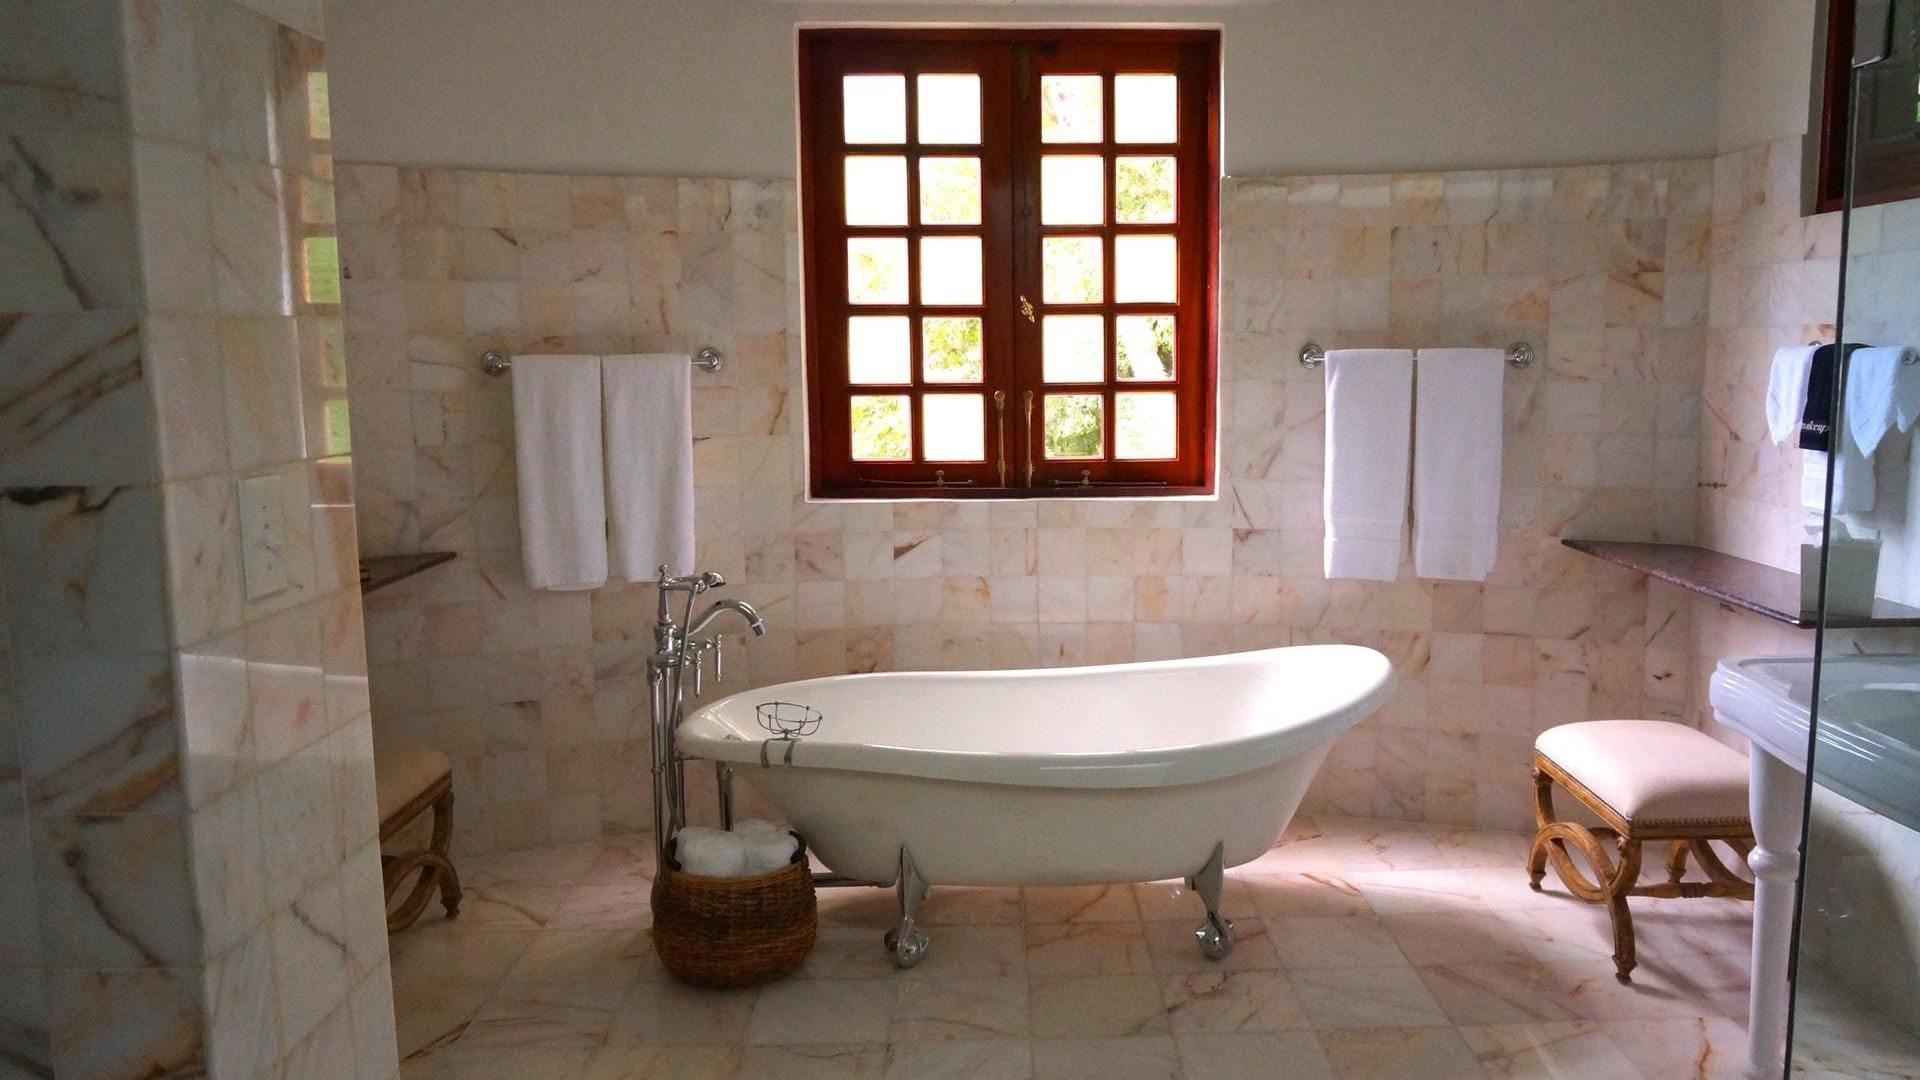 Rinnovare Il Bagno Senza Demolire i migliori 20 esperti in restauro bagno a foggia (con